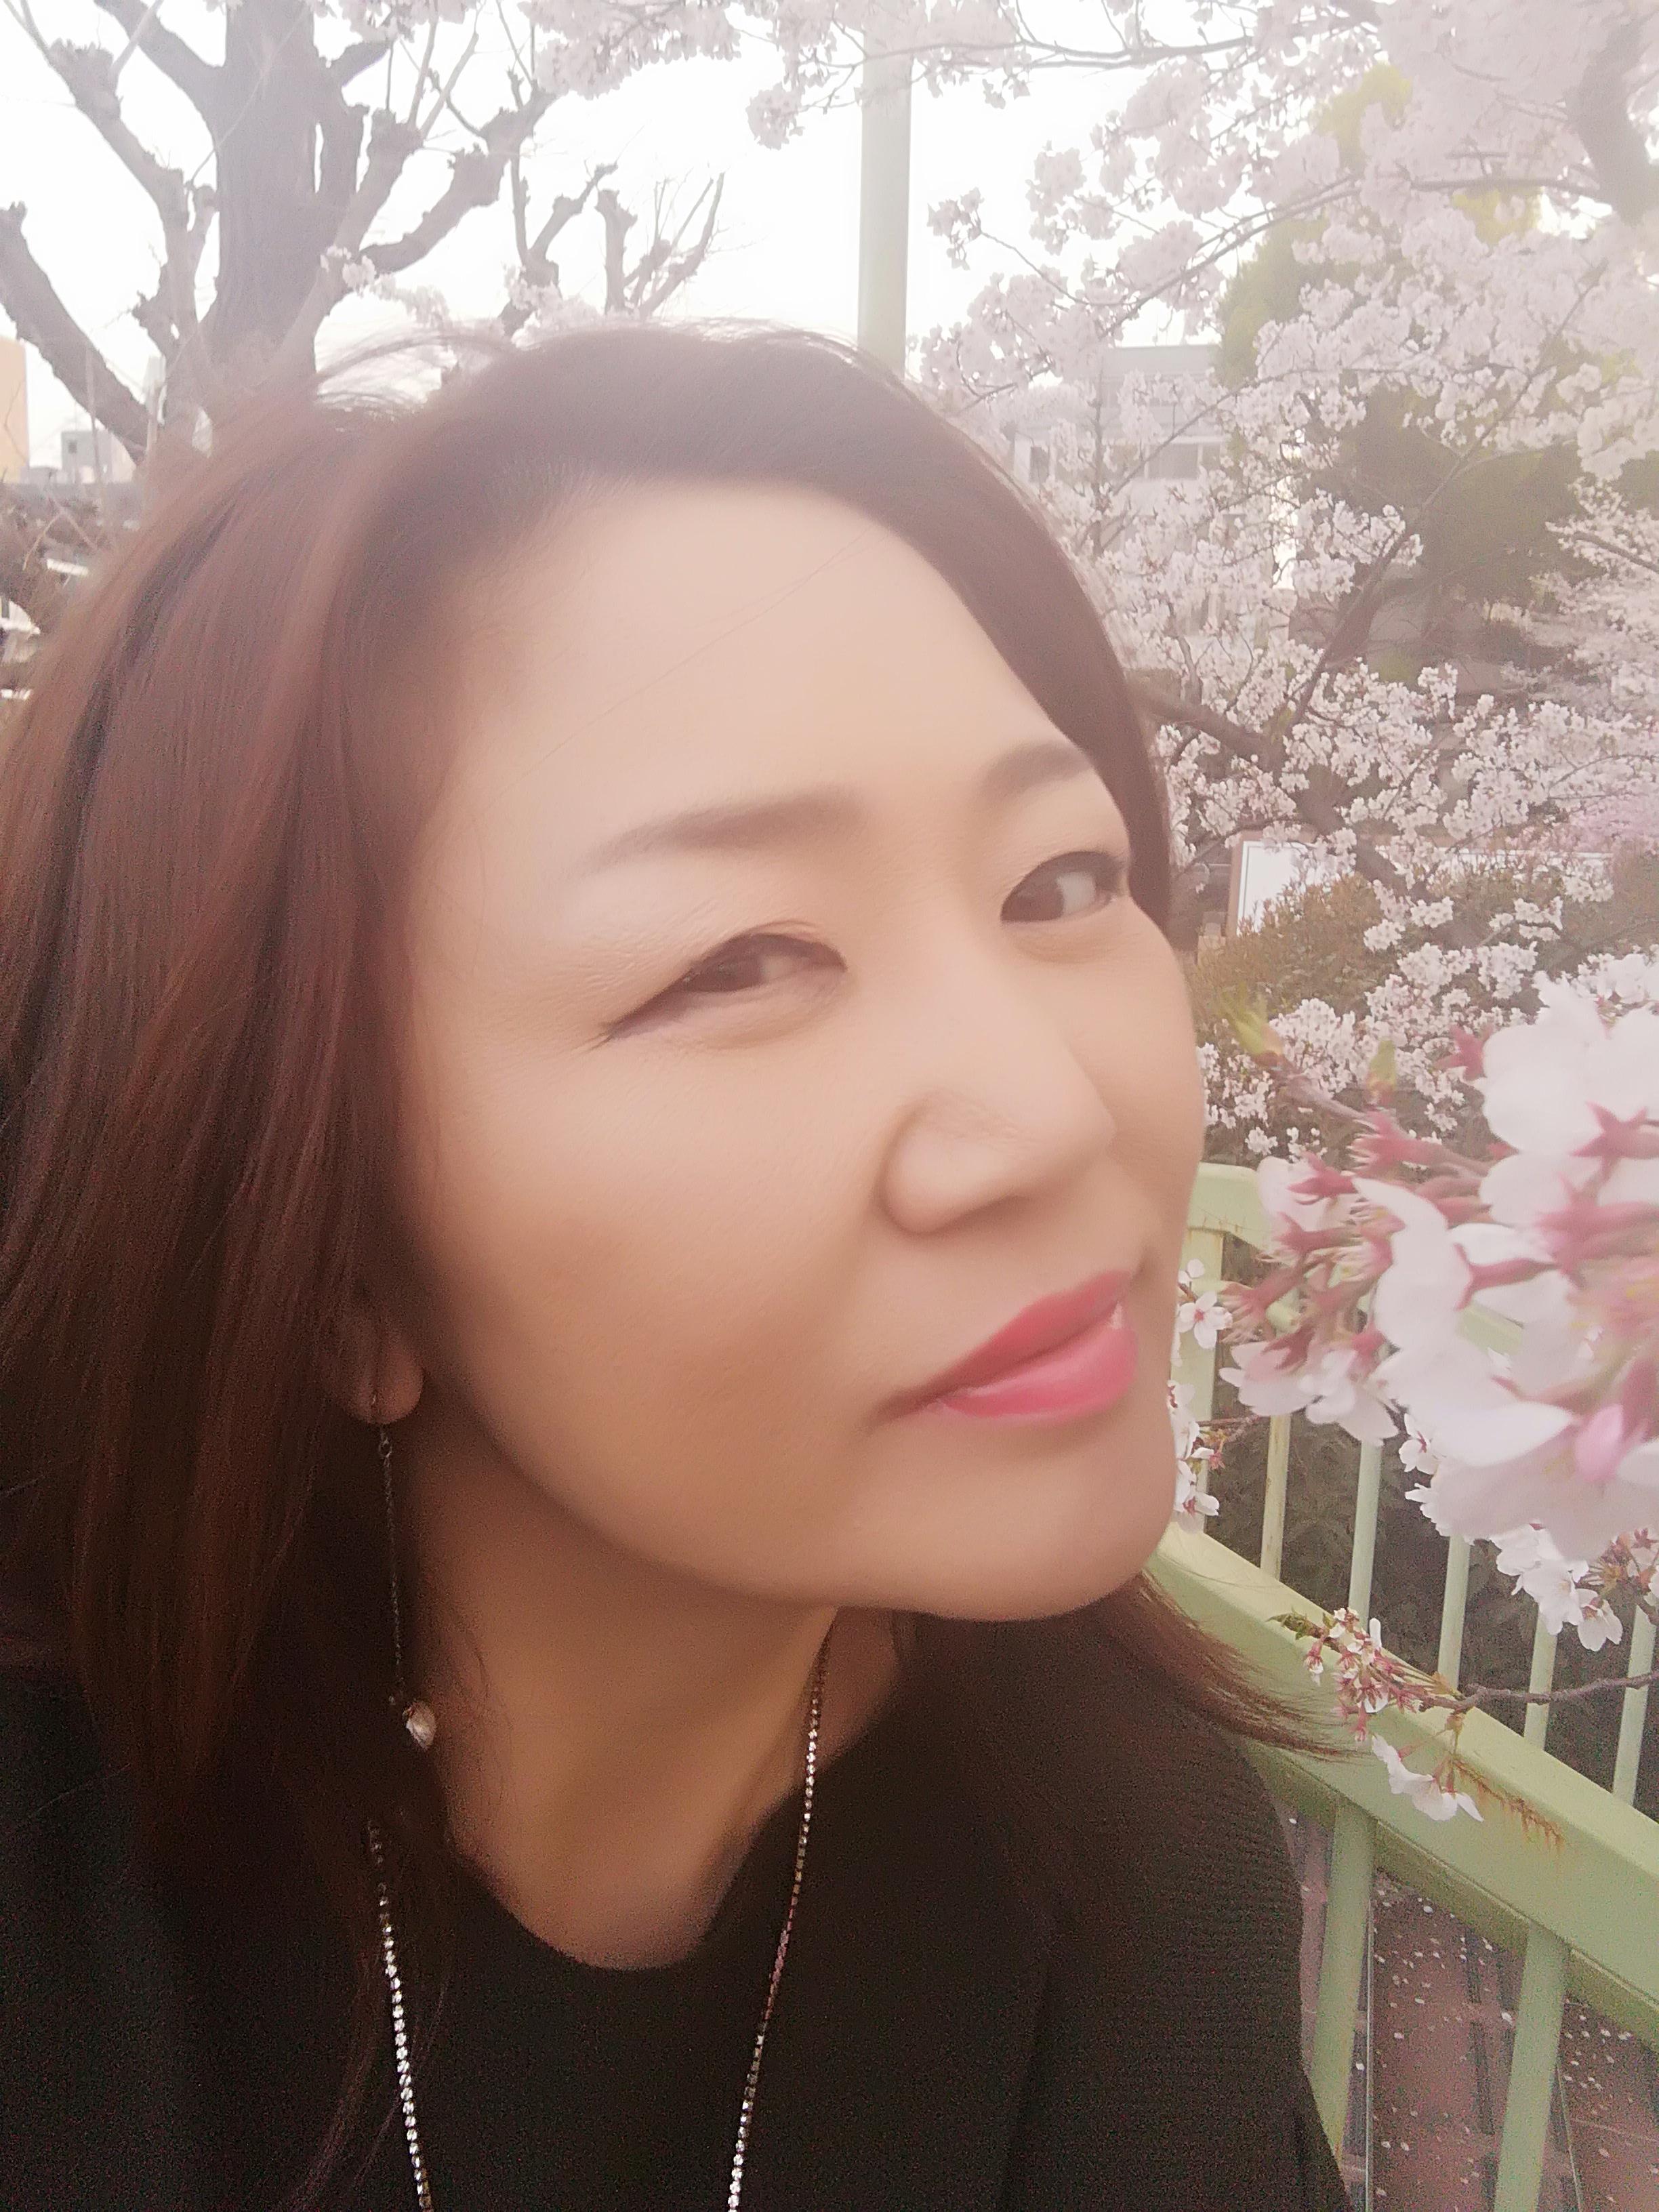 染井吉野に感謝のキス|薫☆彡さんの日誌写真